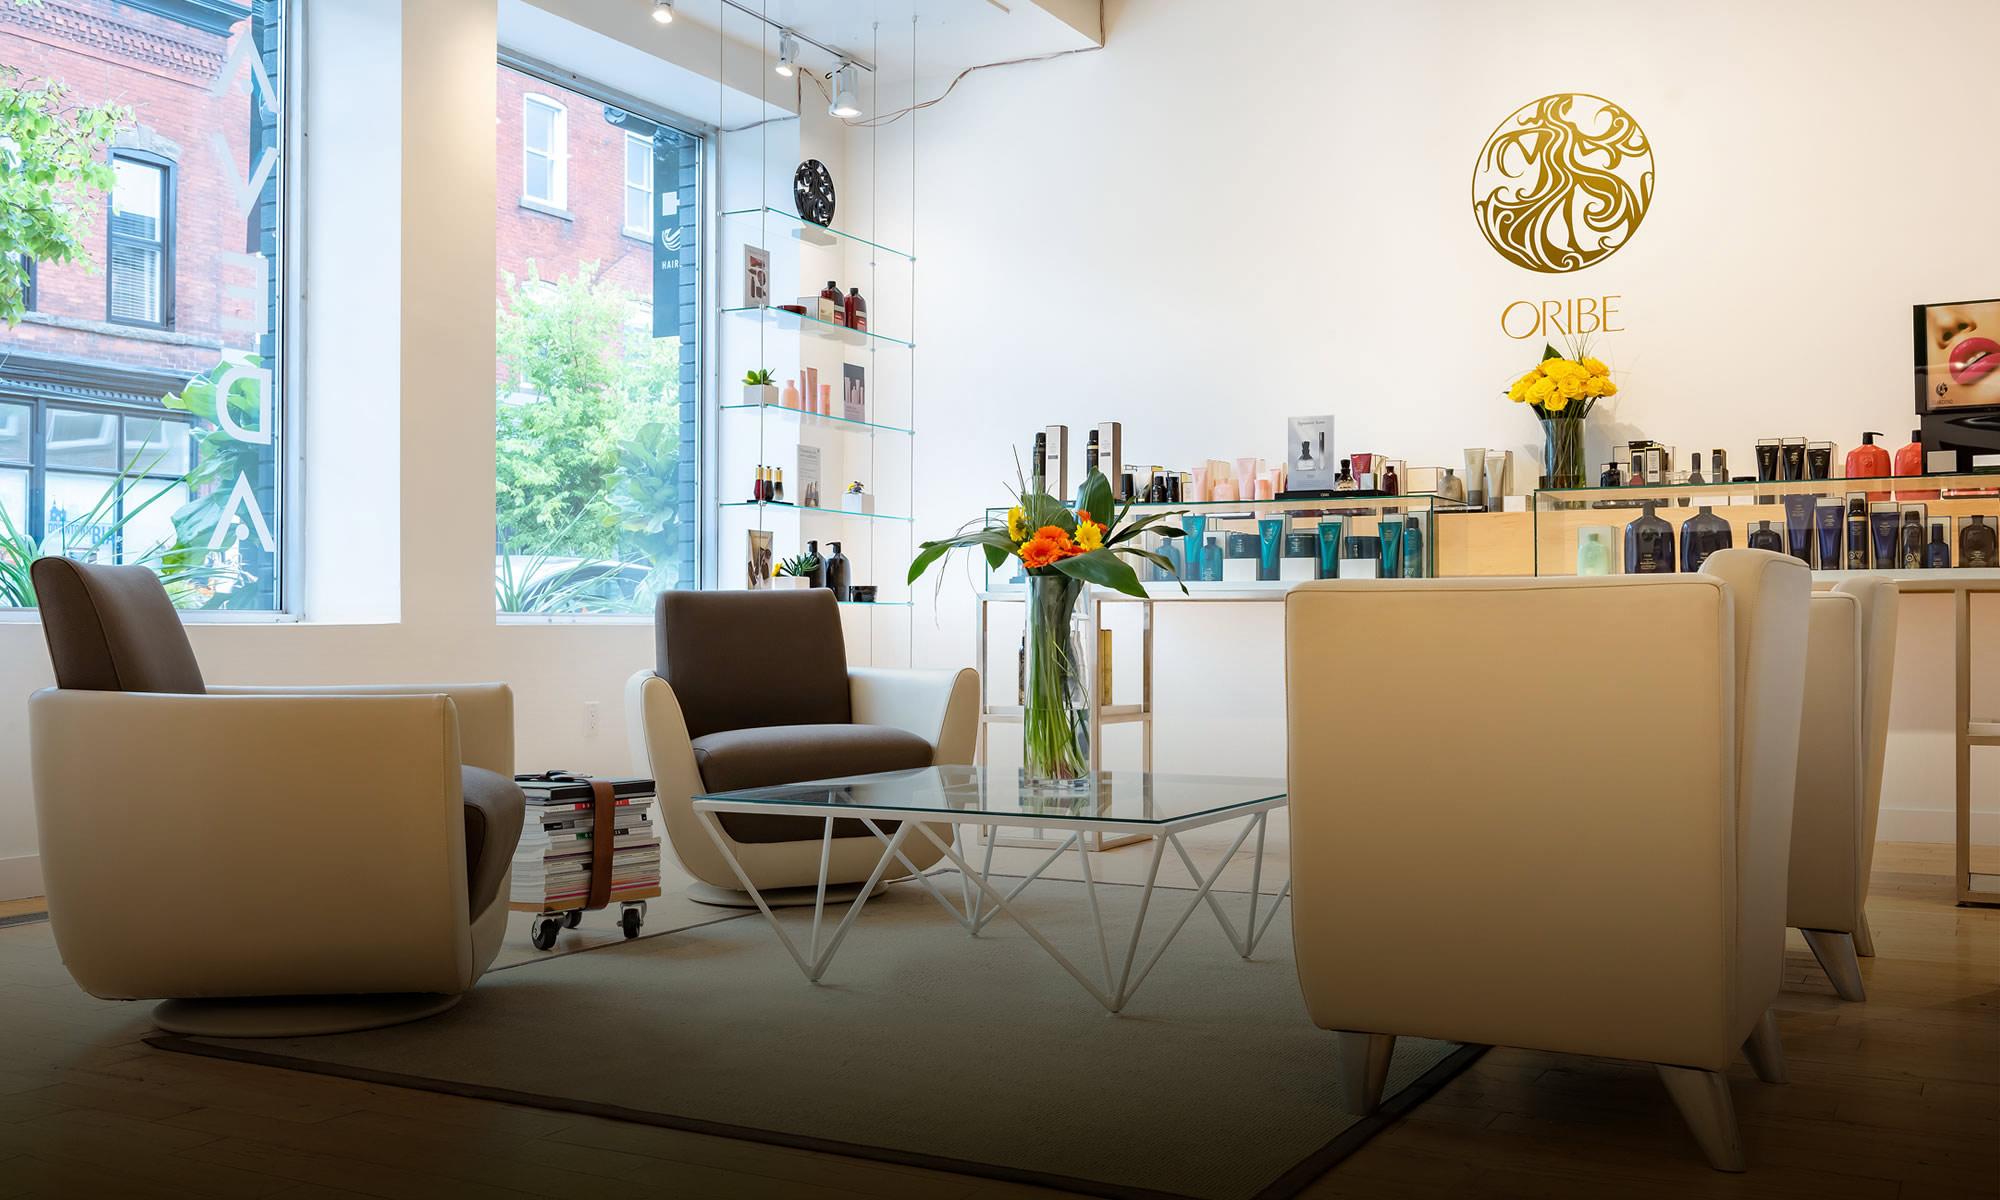 Giardino Lifestyle Salon